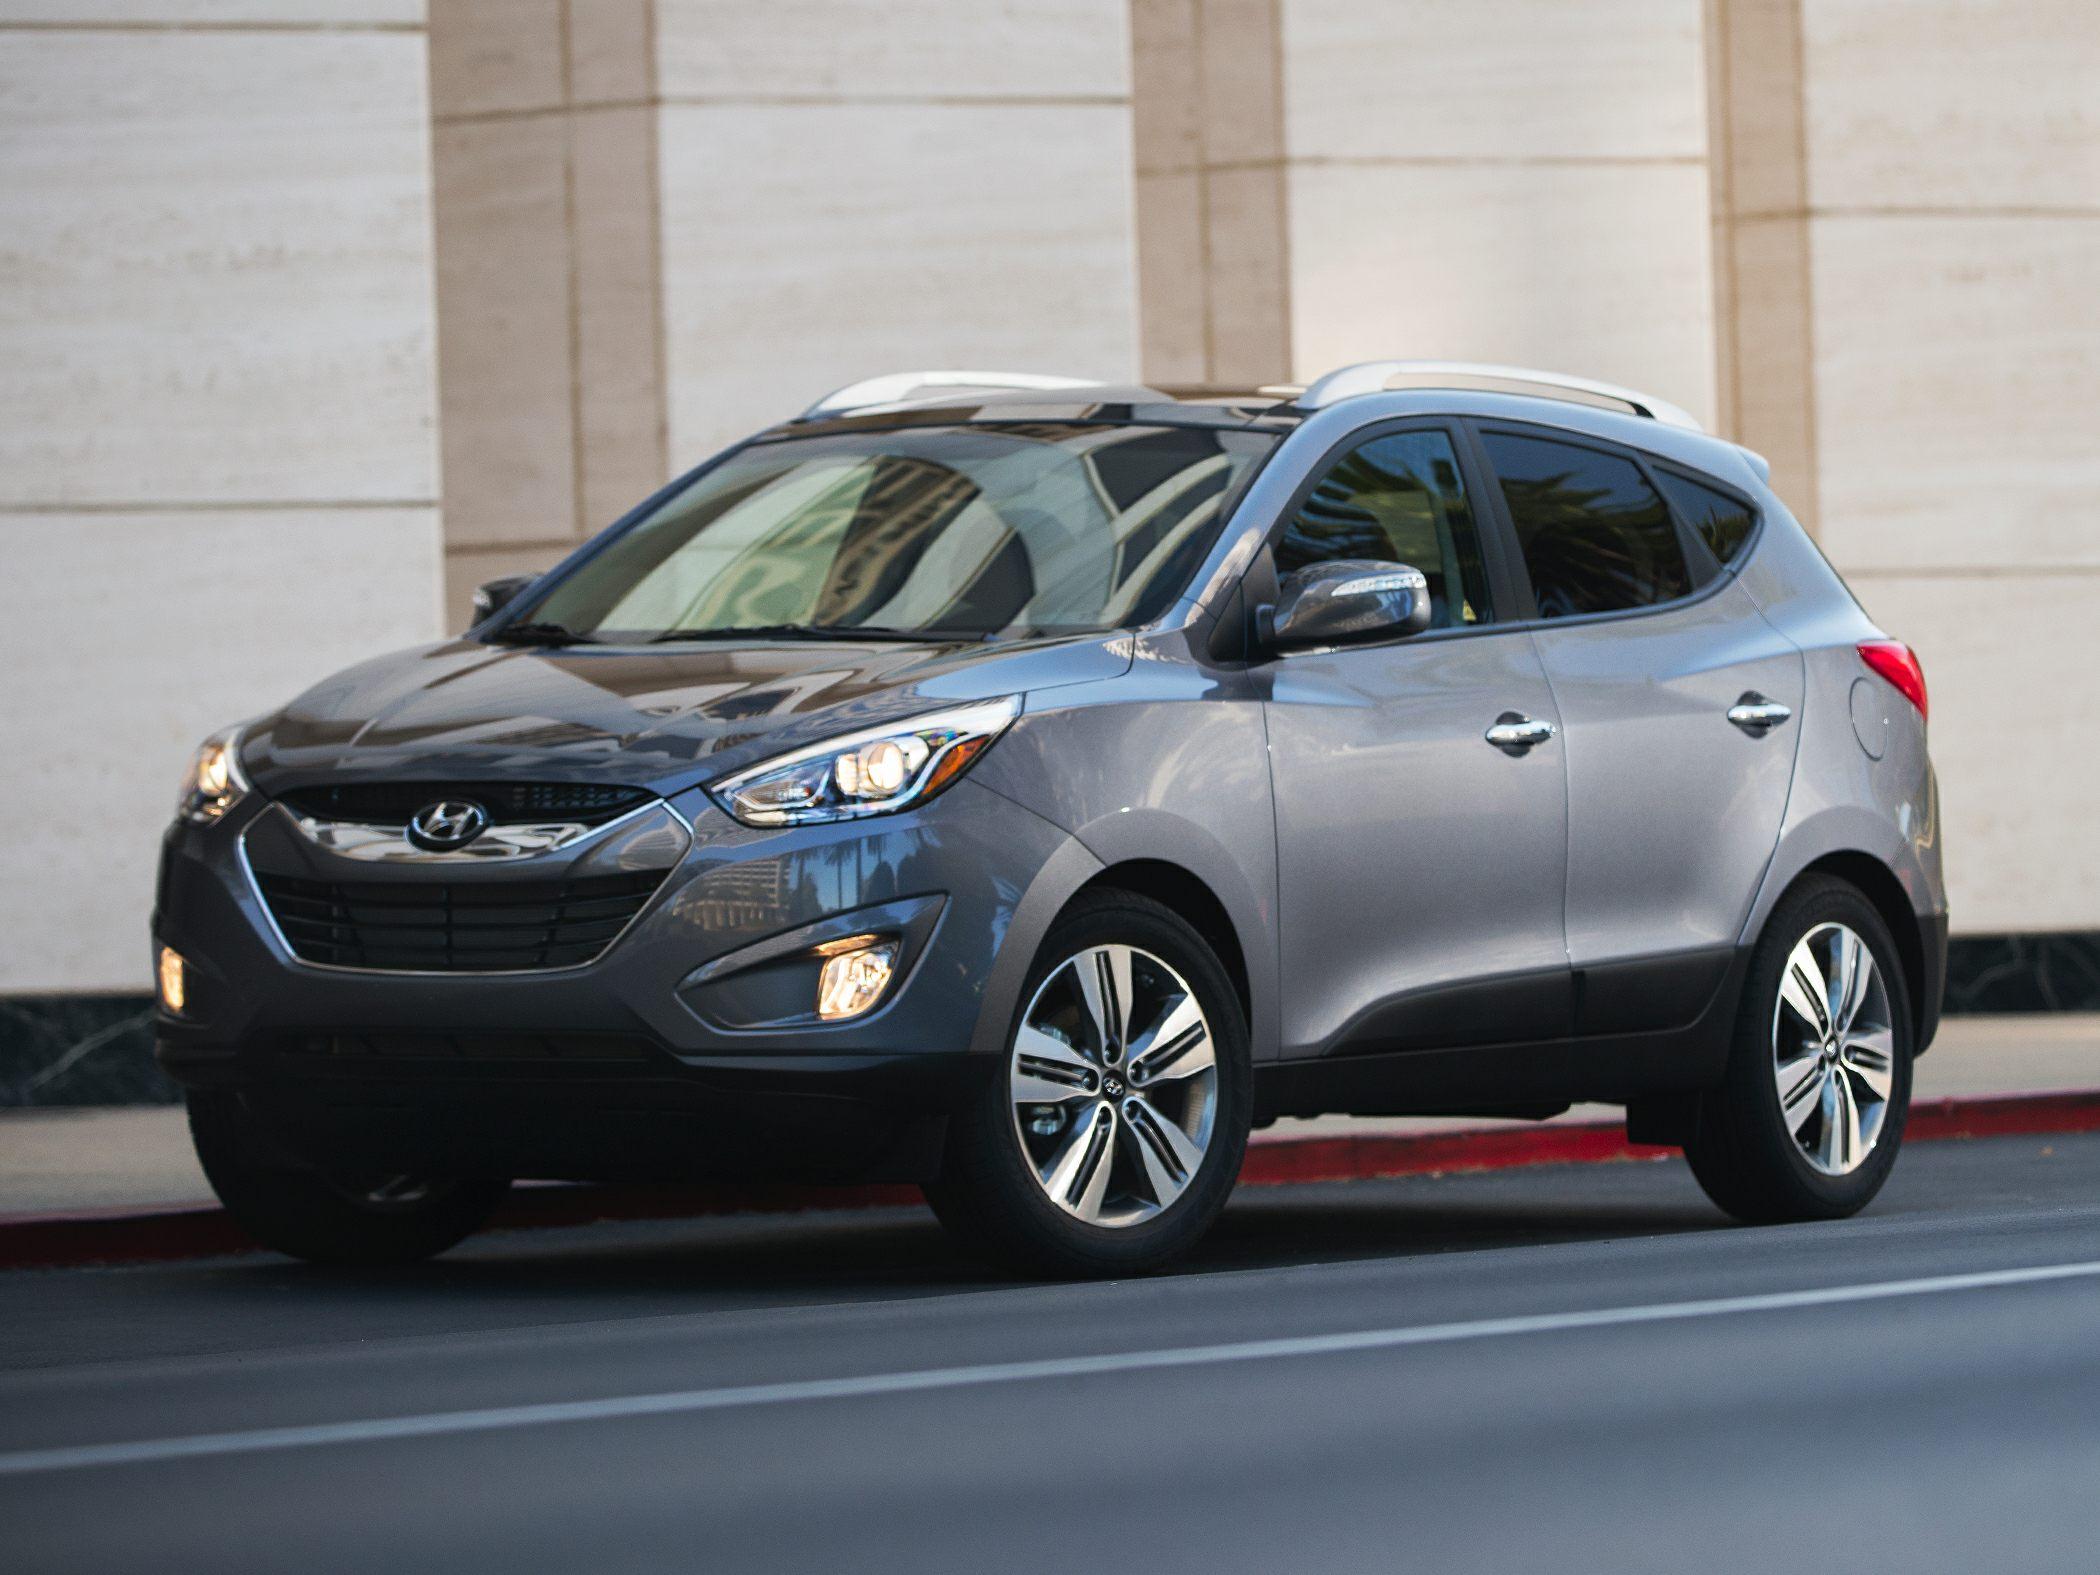 2014 Hyundai Tucson Glam